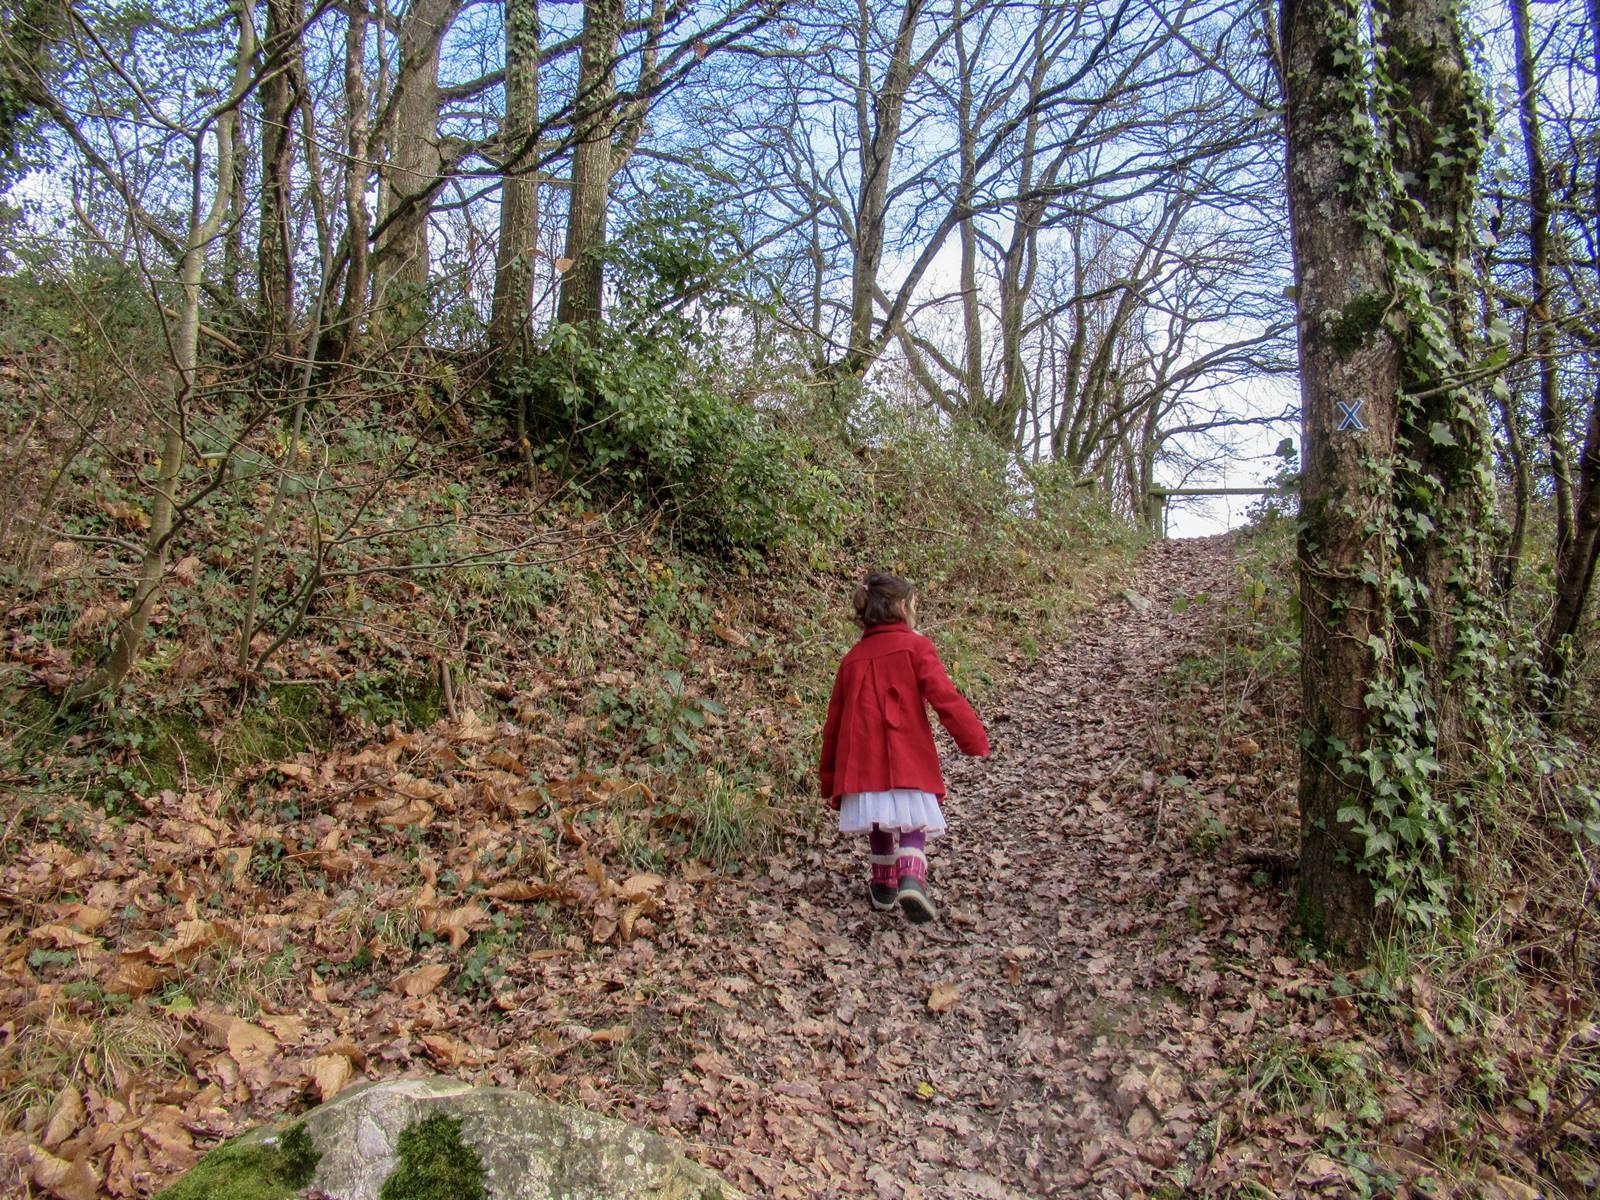 Sentier saint vincent des landesimg 7698